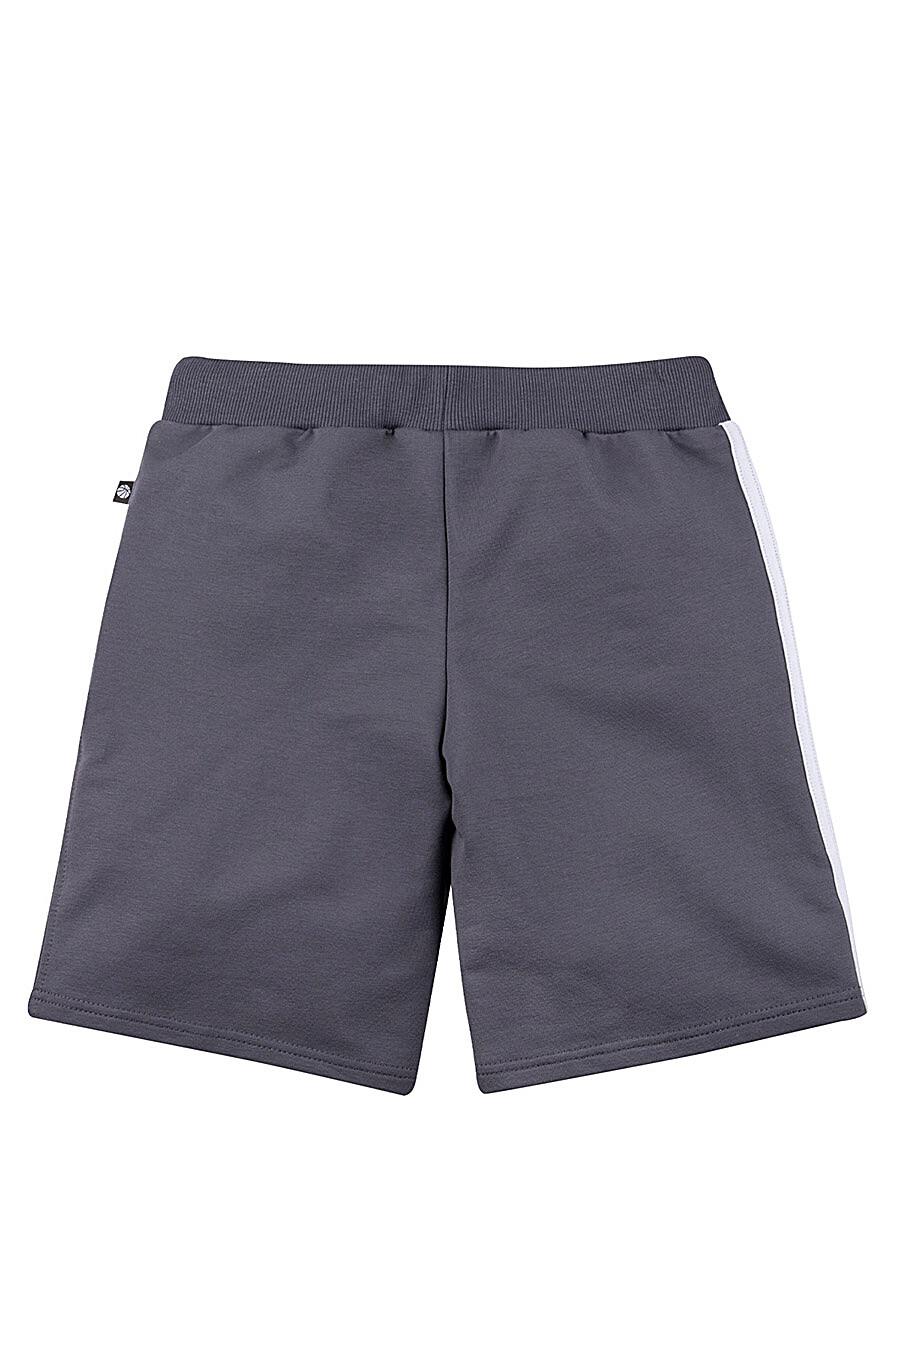 Шорты для мальчиков BOSSA NOVA 219910 купить оптом от производителя. Совместная покупка детской одежды в OptMoyo